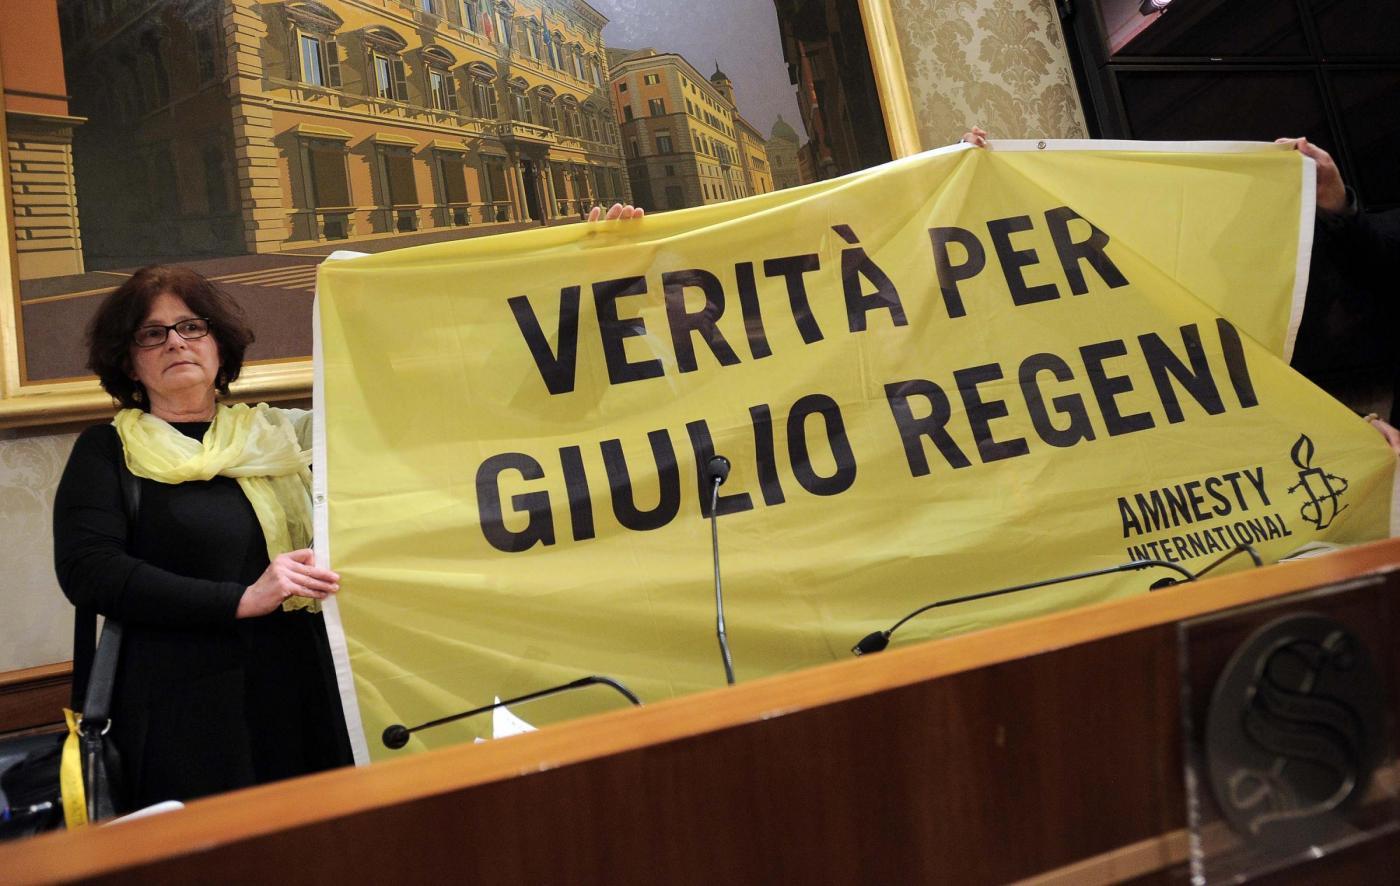 Giulio Regeni, dall'Egitto arrivano i tabulati richiesti dai magistrati italiani